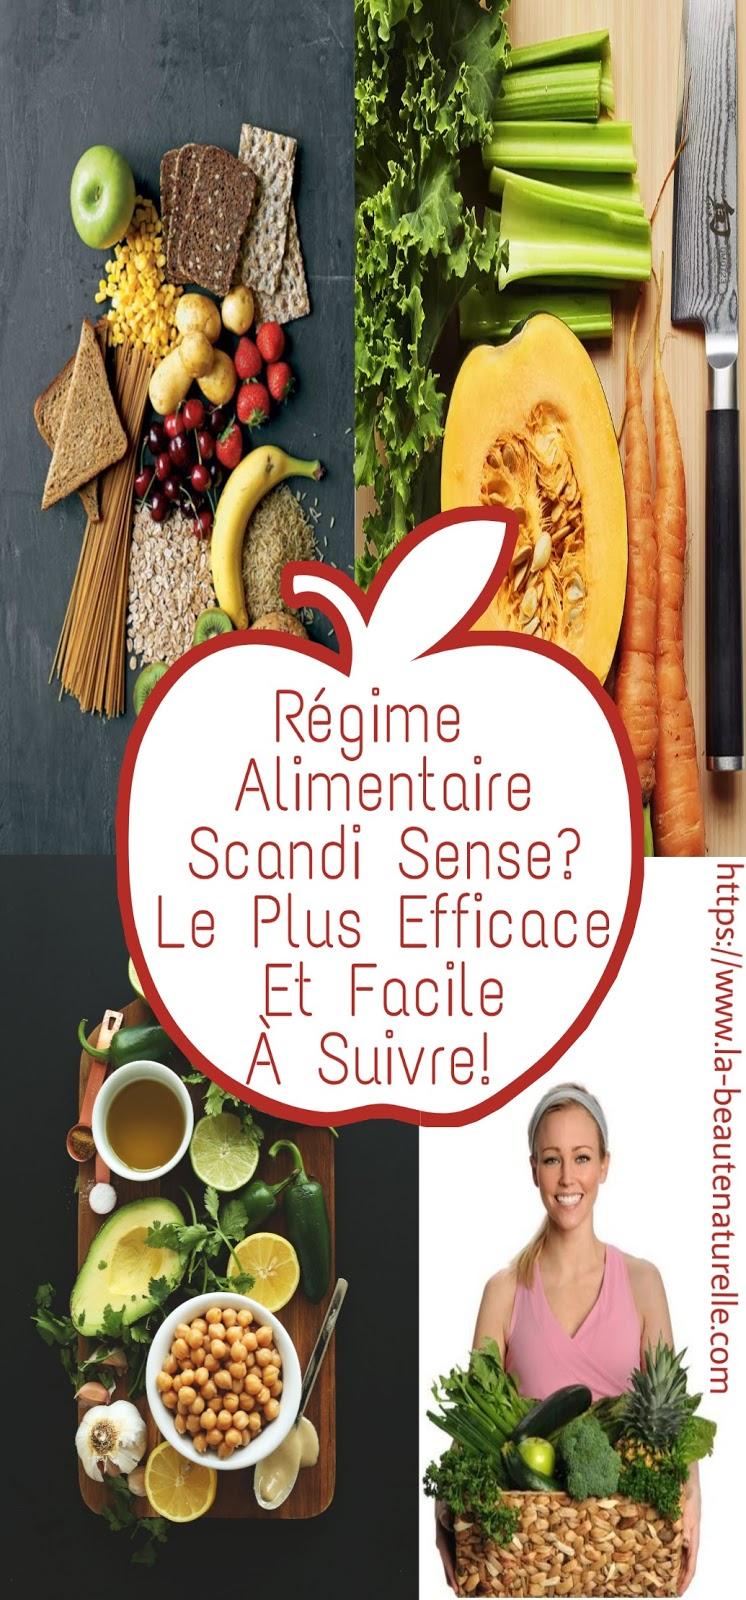 Régime Alimentaire Scandi Sense? Le Plus Efficace Et Facile À Suivre!